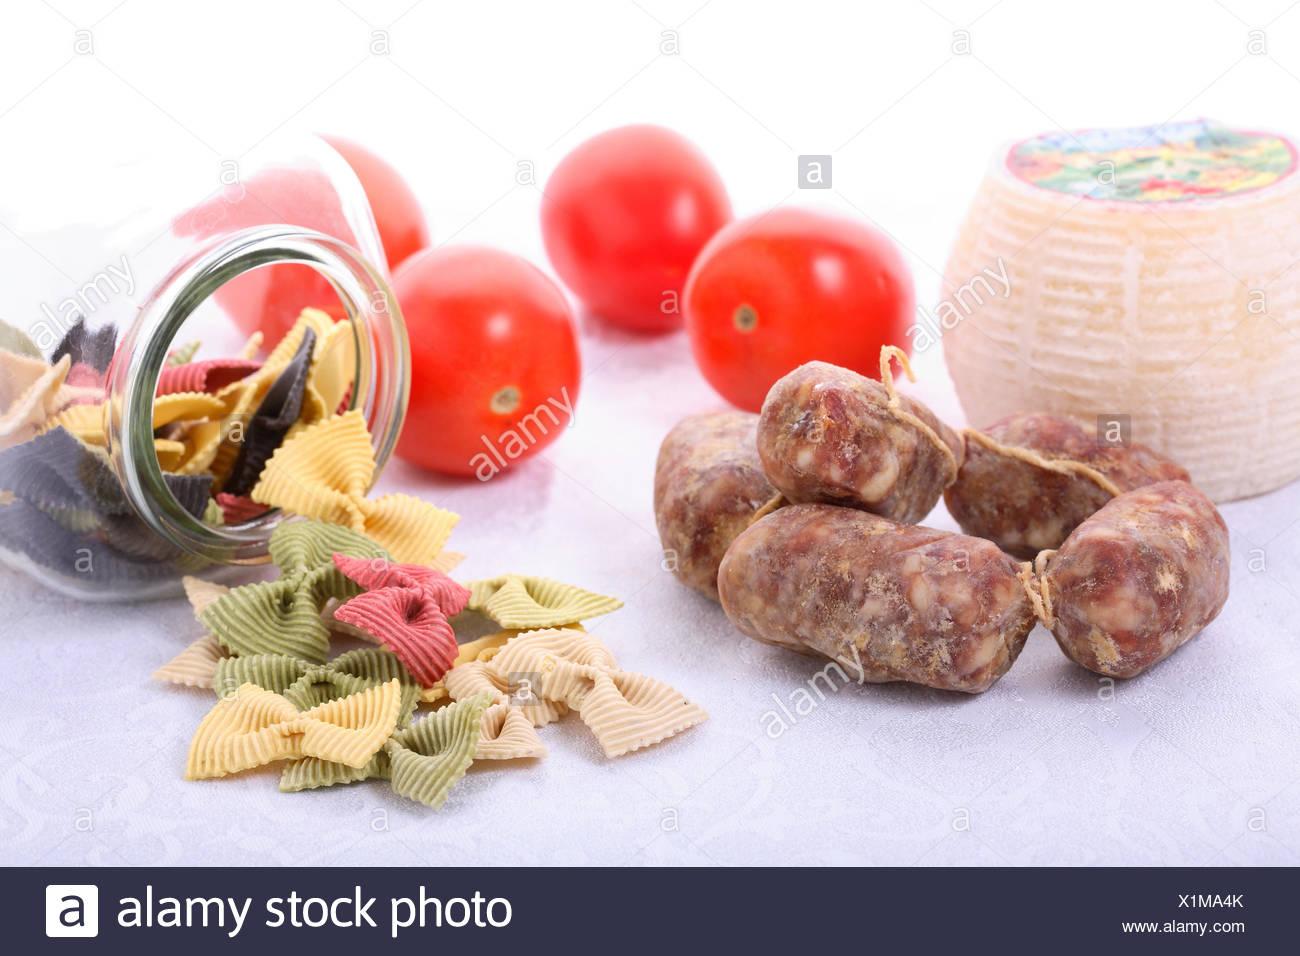 italienische Spezialitäten, Salami, Tomaten und farfalle Stockbild